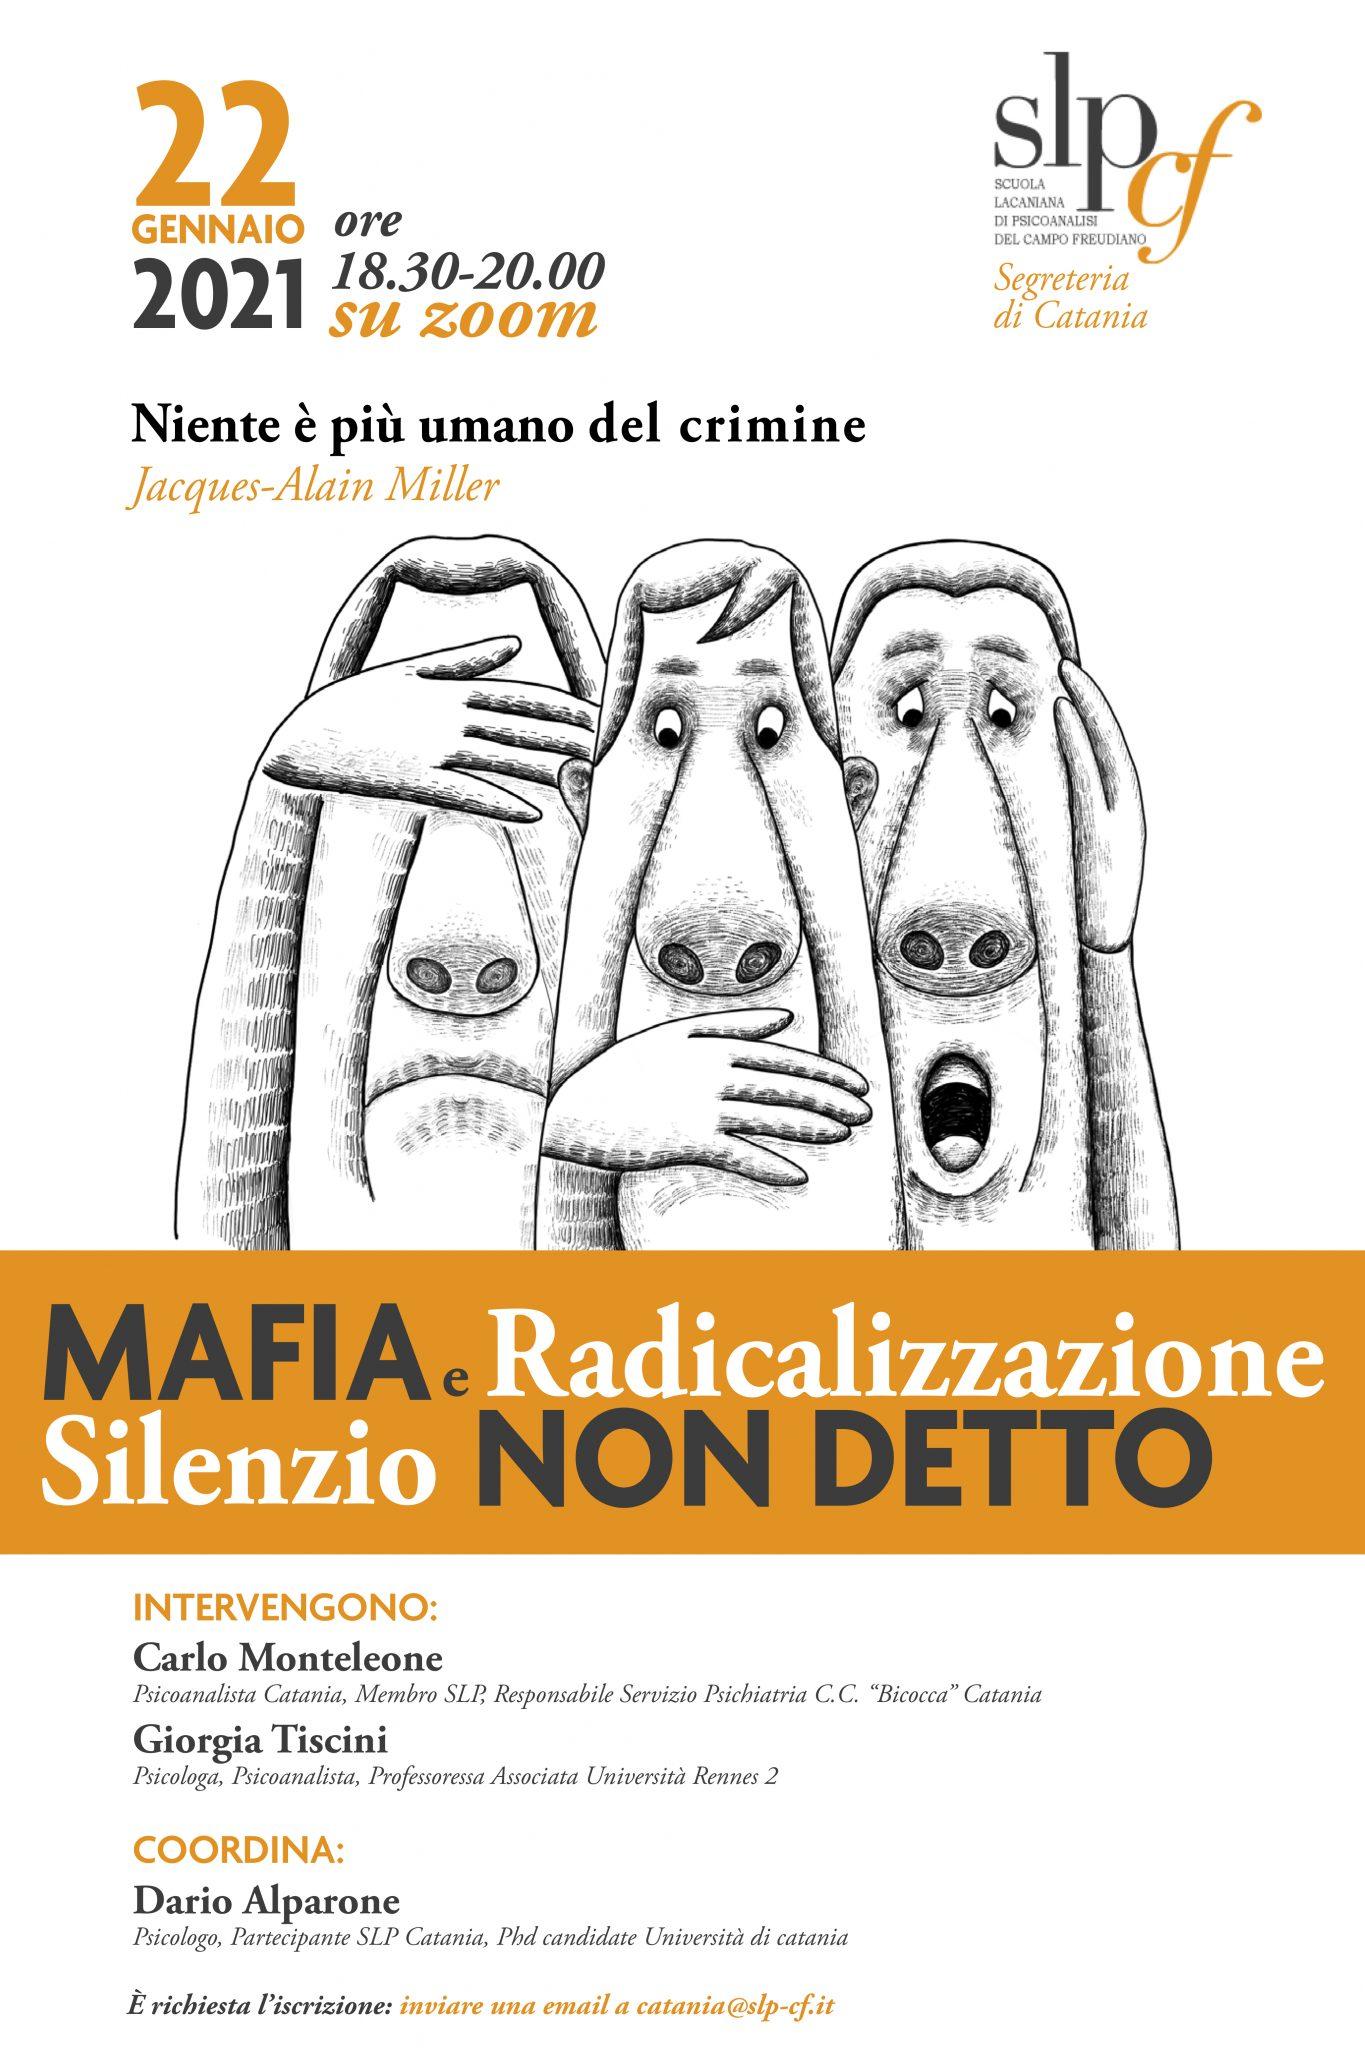 Mafia e Radicalizzazione Silenzio Non detto